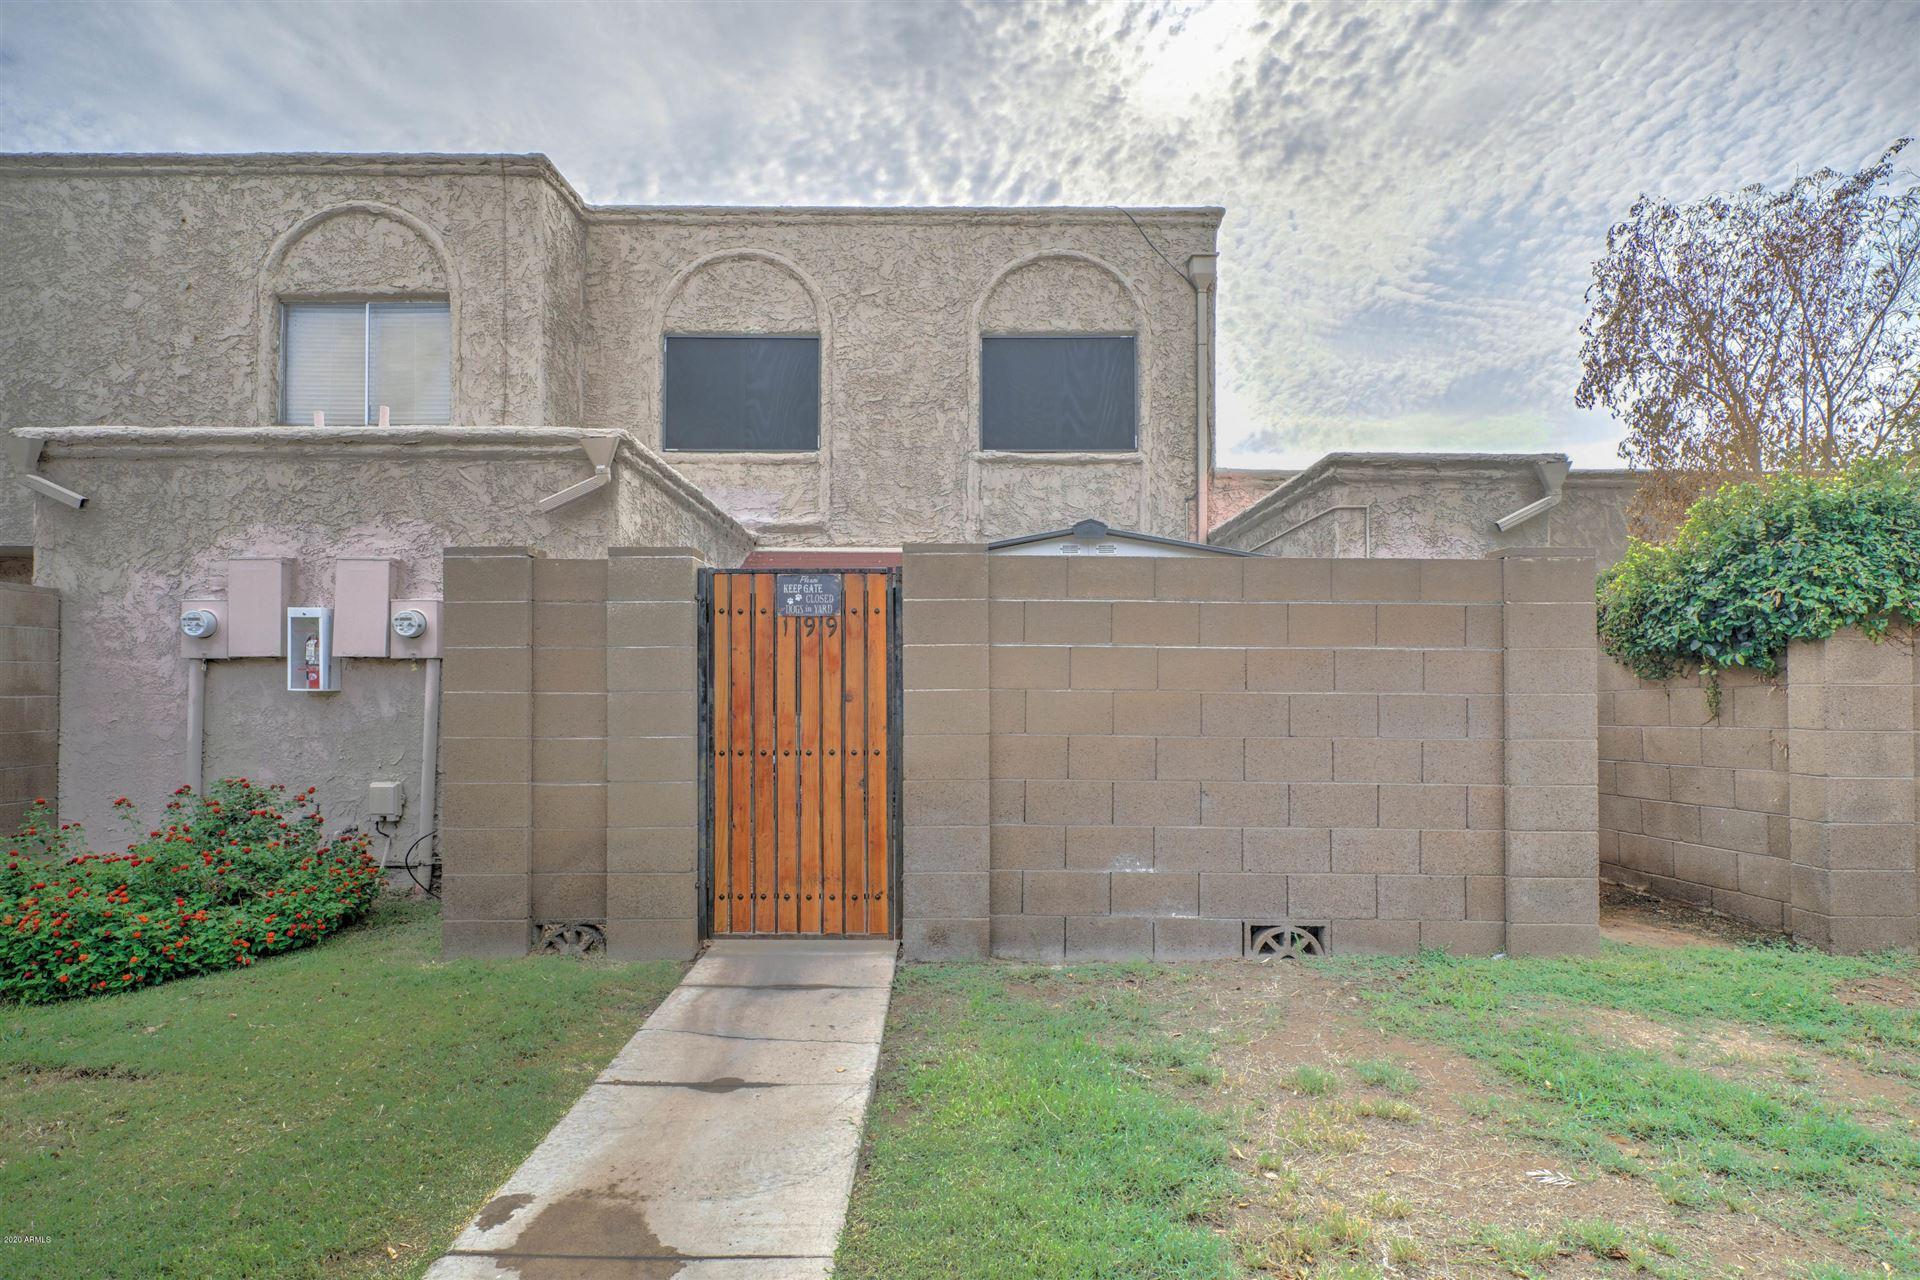 600 S DOBSON Road #199, Mesa, AZ 85202 - MLS#: 6119424